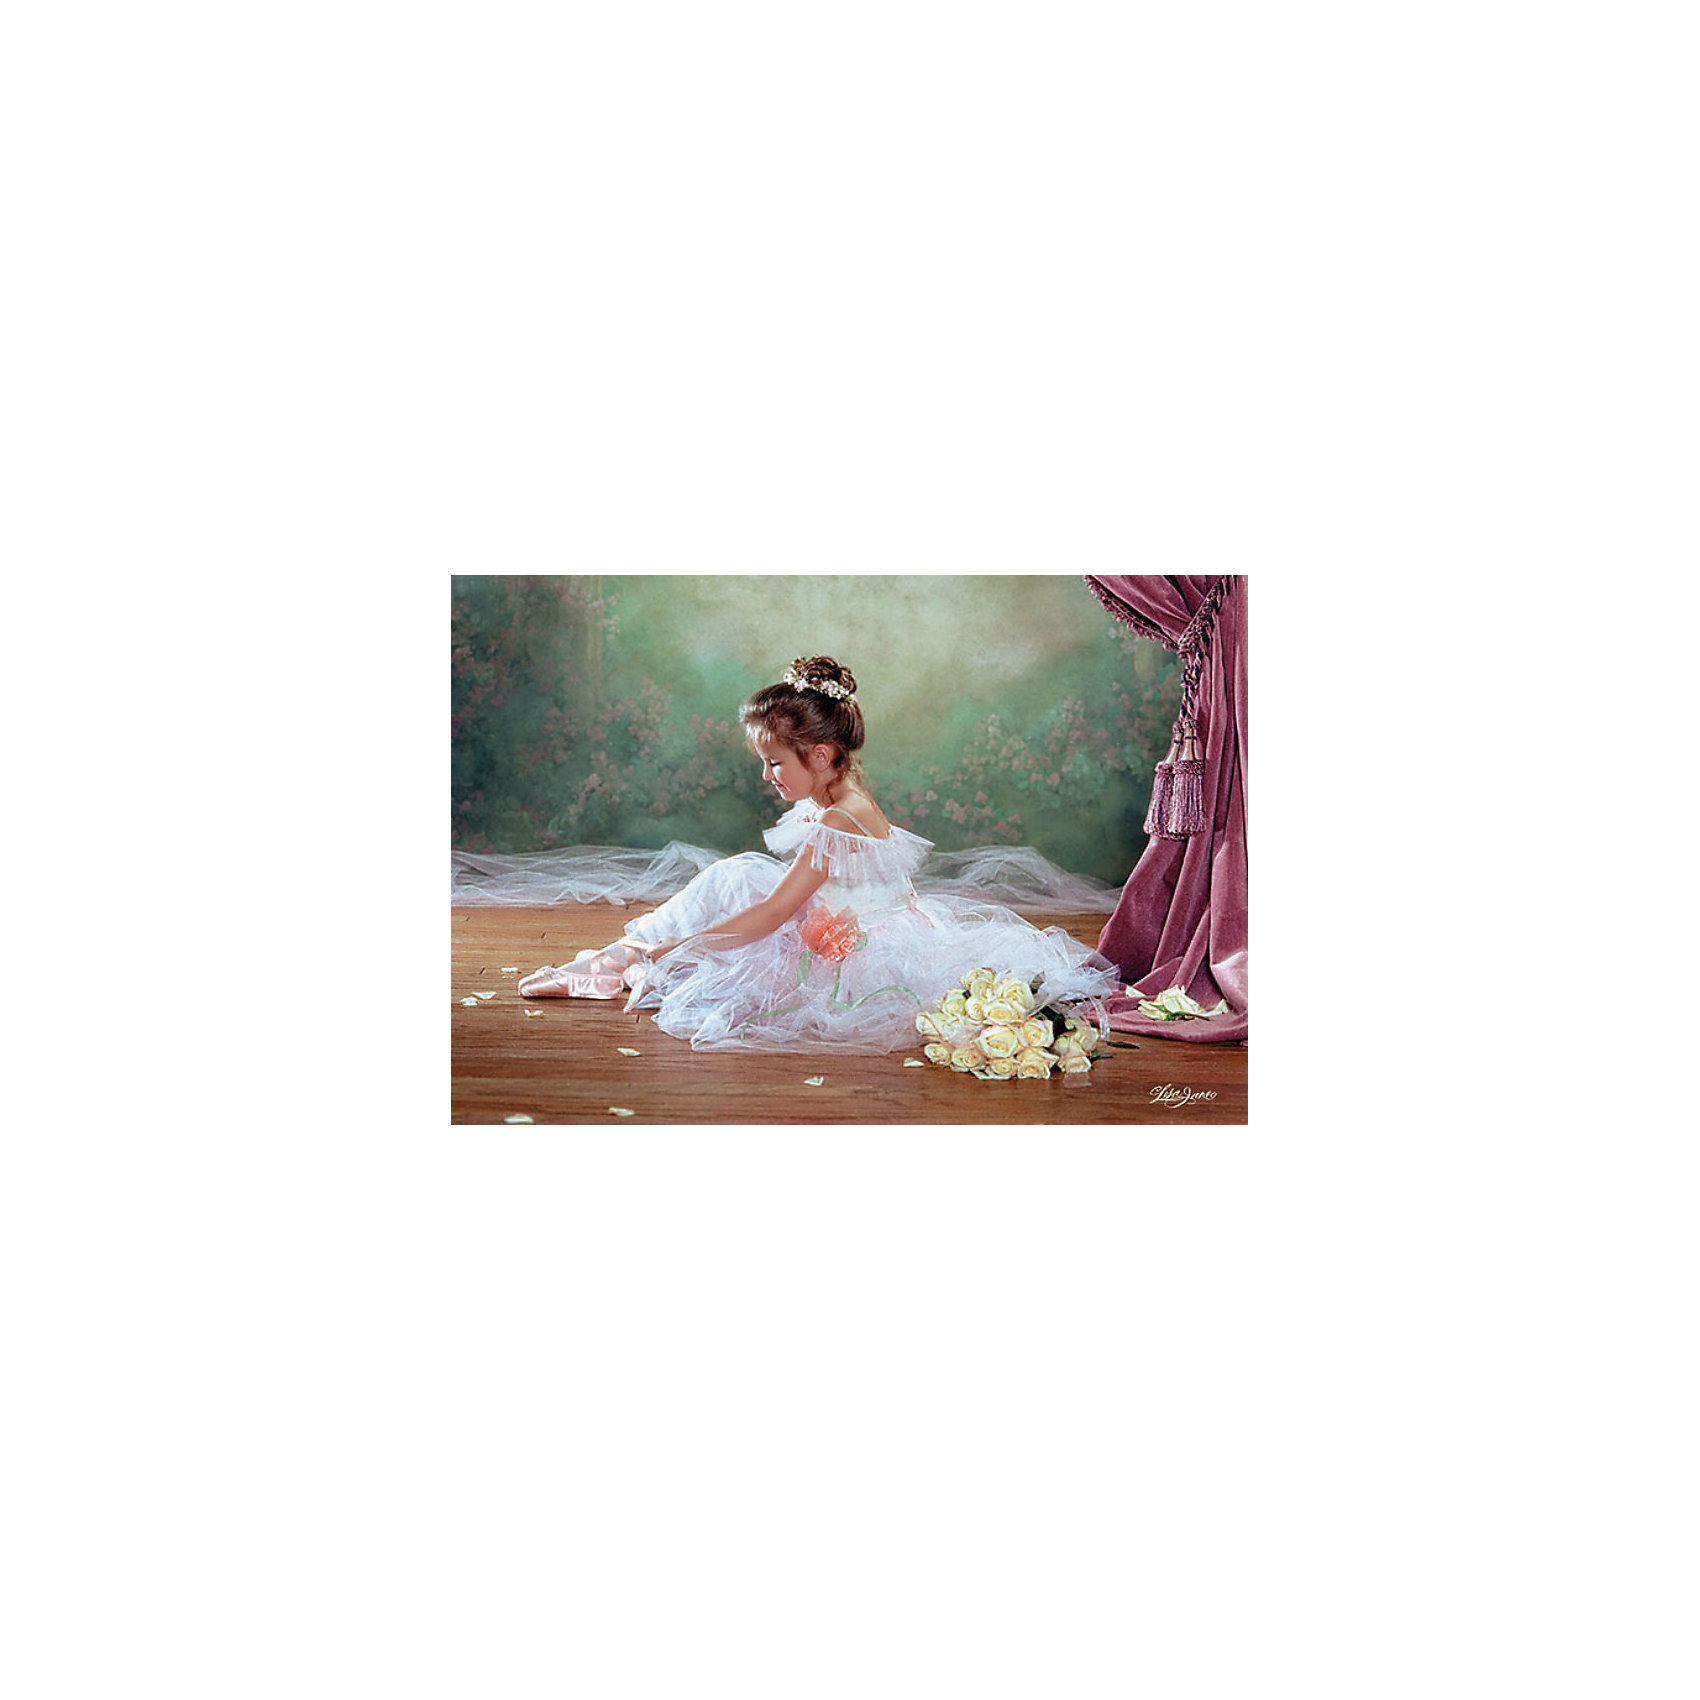 Пазлы Балерина, 500 деталей, CastorlandКлассические пазлы<br>Пазлы Балерина, 500 деталей  - нежный и красивый пазл с изображением юной балерины.<br><br>Дополнительная информация:<br><br>- Кол-во деталей: 500 шт.<br>- Материал: картон.<br>- Размер собранной картинки: 47 х 33 см.<br>- Размеры упаковки:   220x320x46 мм.<br><br>Пазлы Балерина, 500 деталей, Castorland (Касторленд) можно купить в нашем магазине.<br><br>Ширина мм: 320<br>Глубина мм: 47<br>Высота мм: 220<br>Вес г: 300<br>Возраст от месяцев: 72<br>Возраст до месяцев: 1188<br>Пол: Женский<br>Возраст: Детский<br>Количество деталей: 500<br>SKU: 2562332